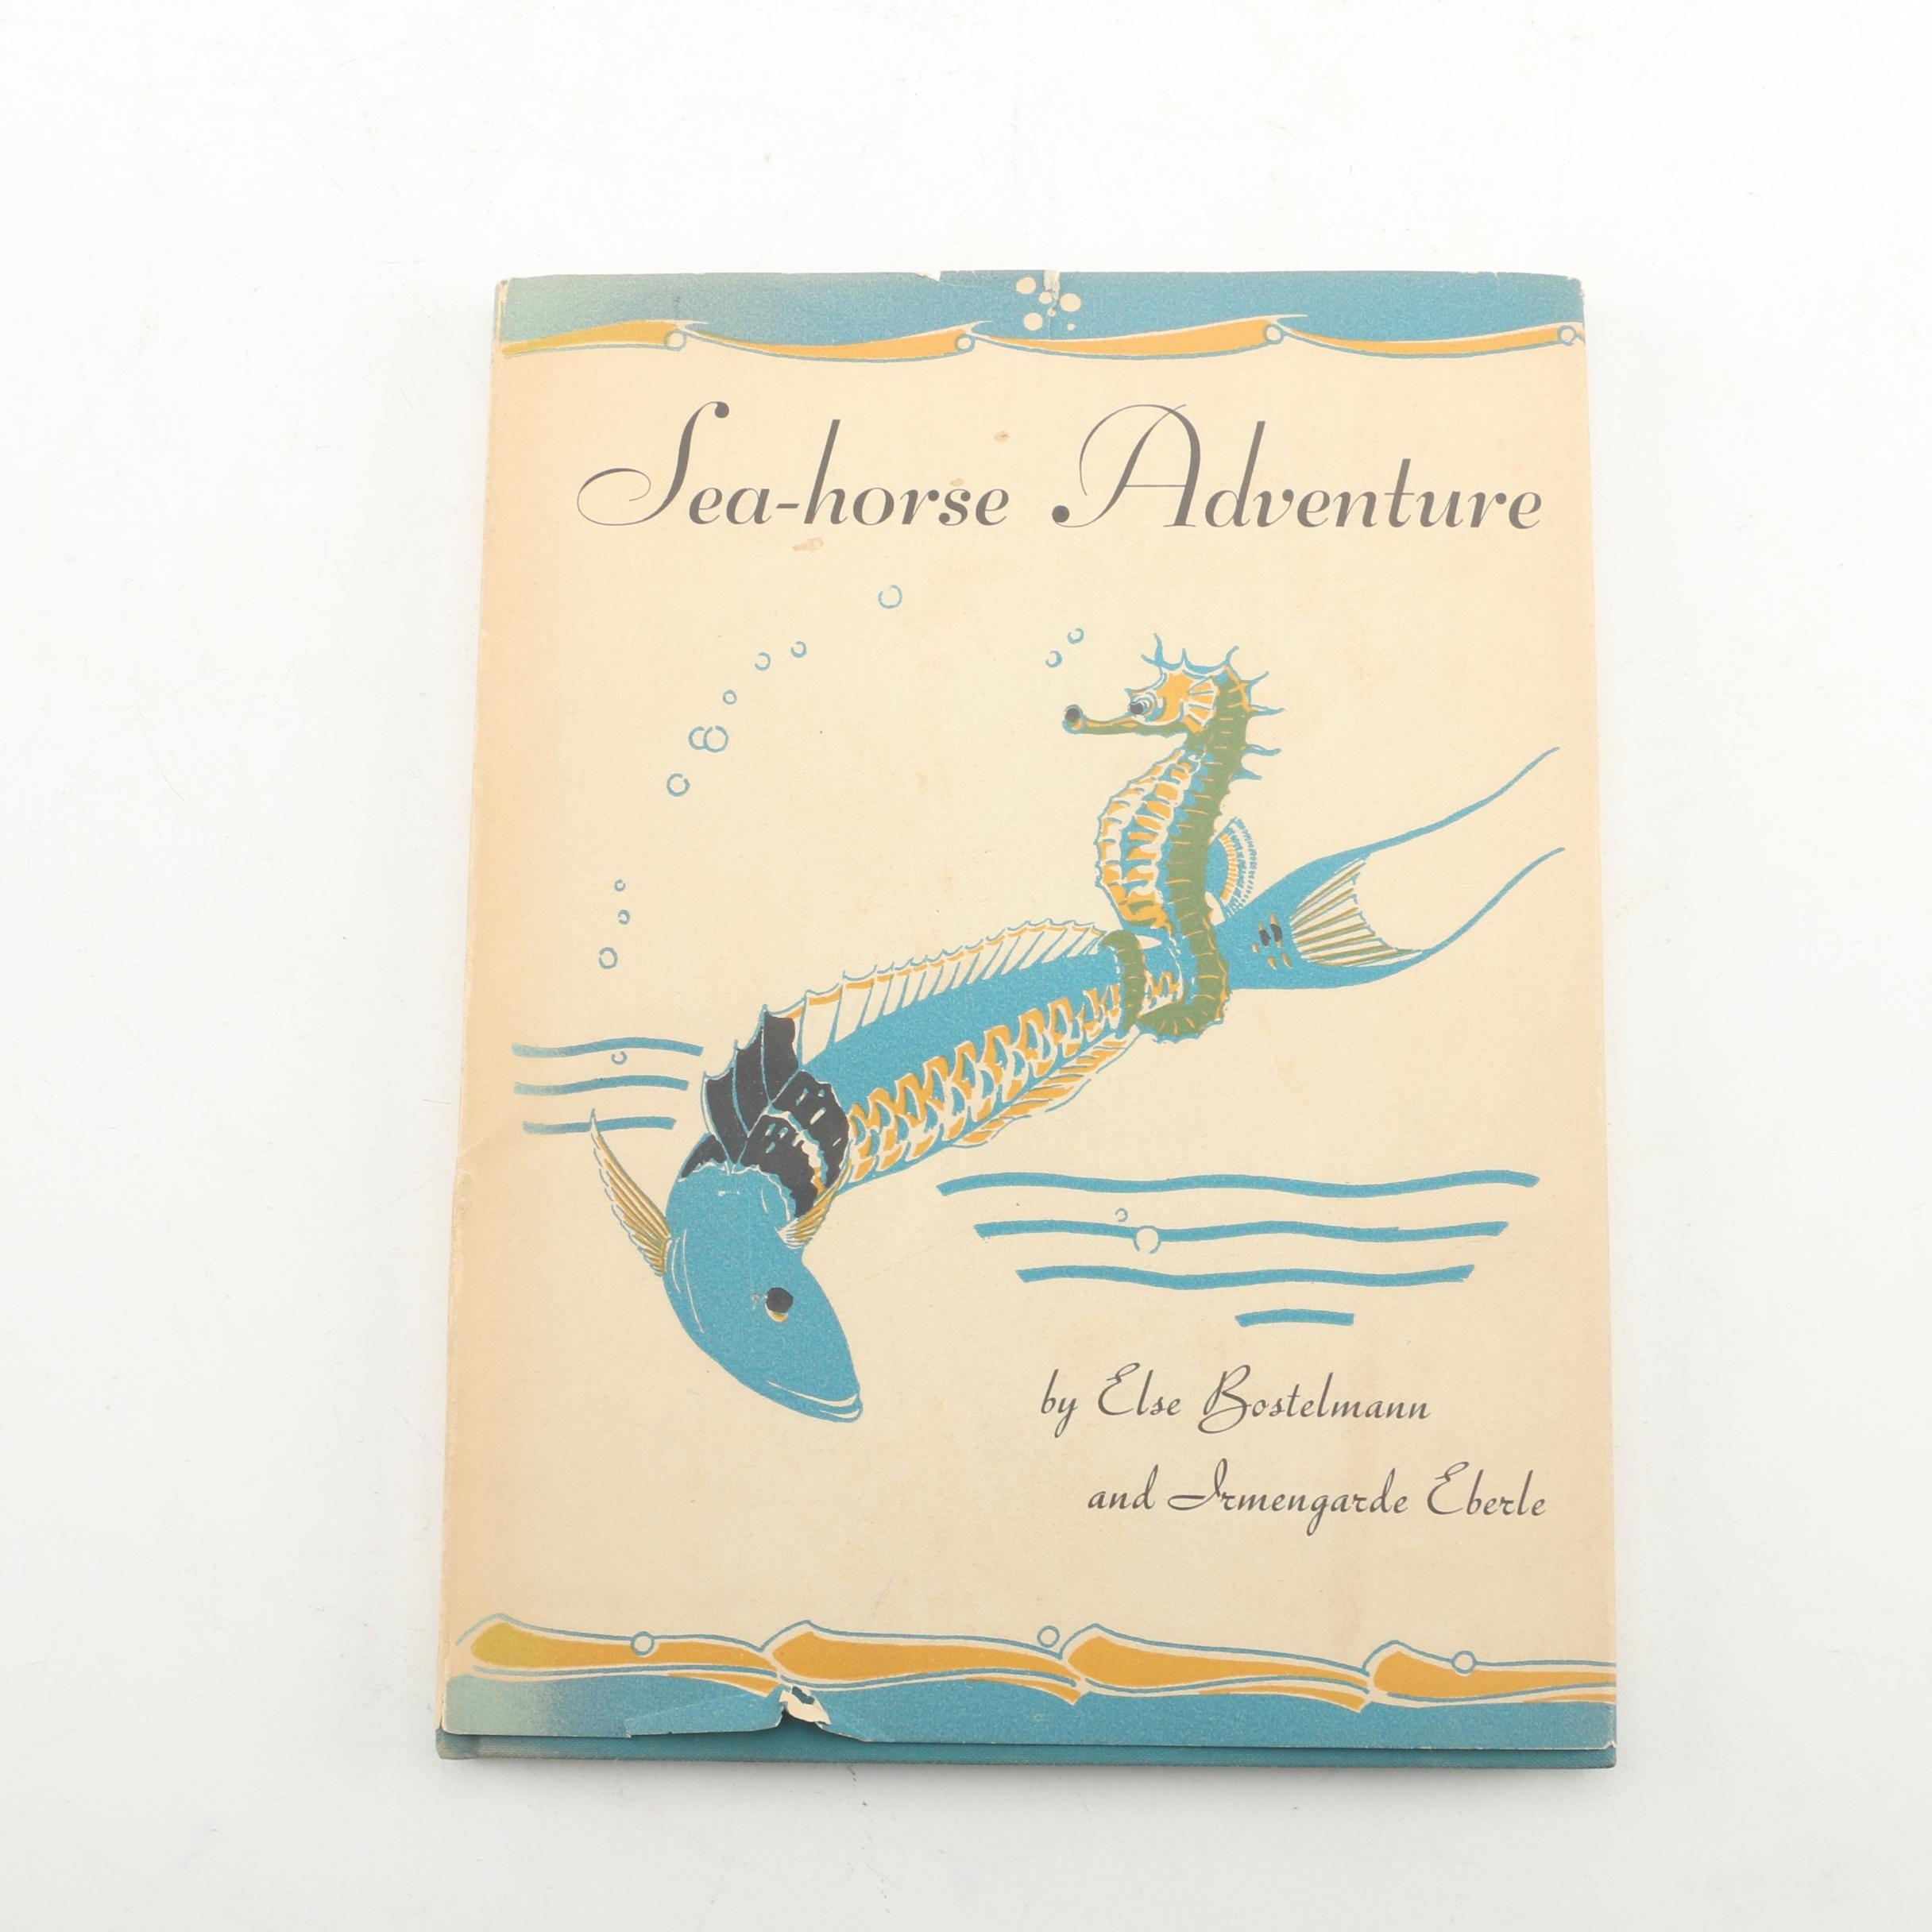 """1937 """"Sea-horse Adventure"""" by Irmengarde Eberle and Else Bostelmann"""